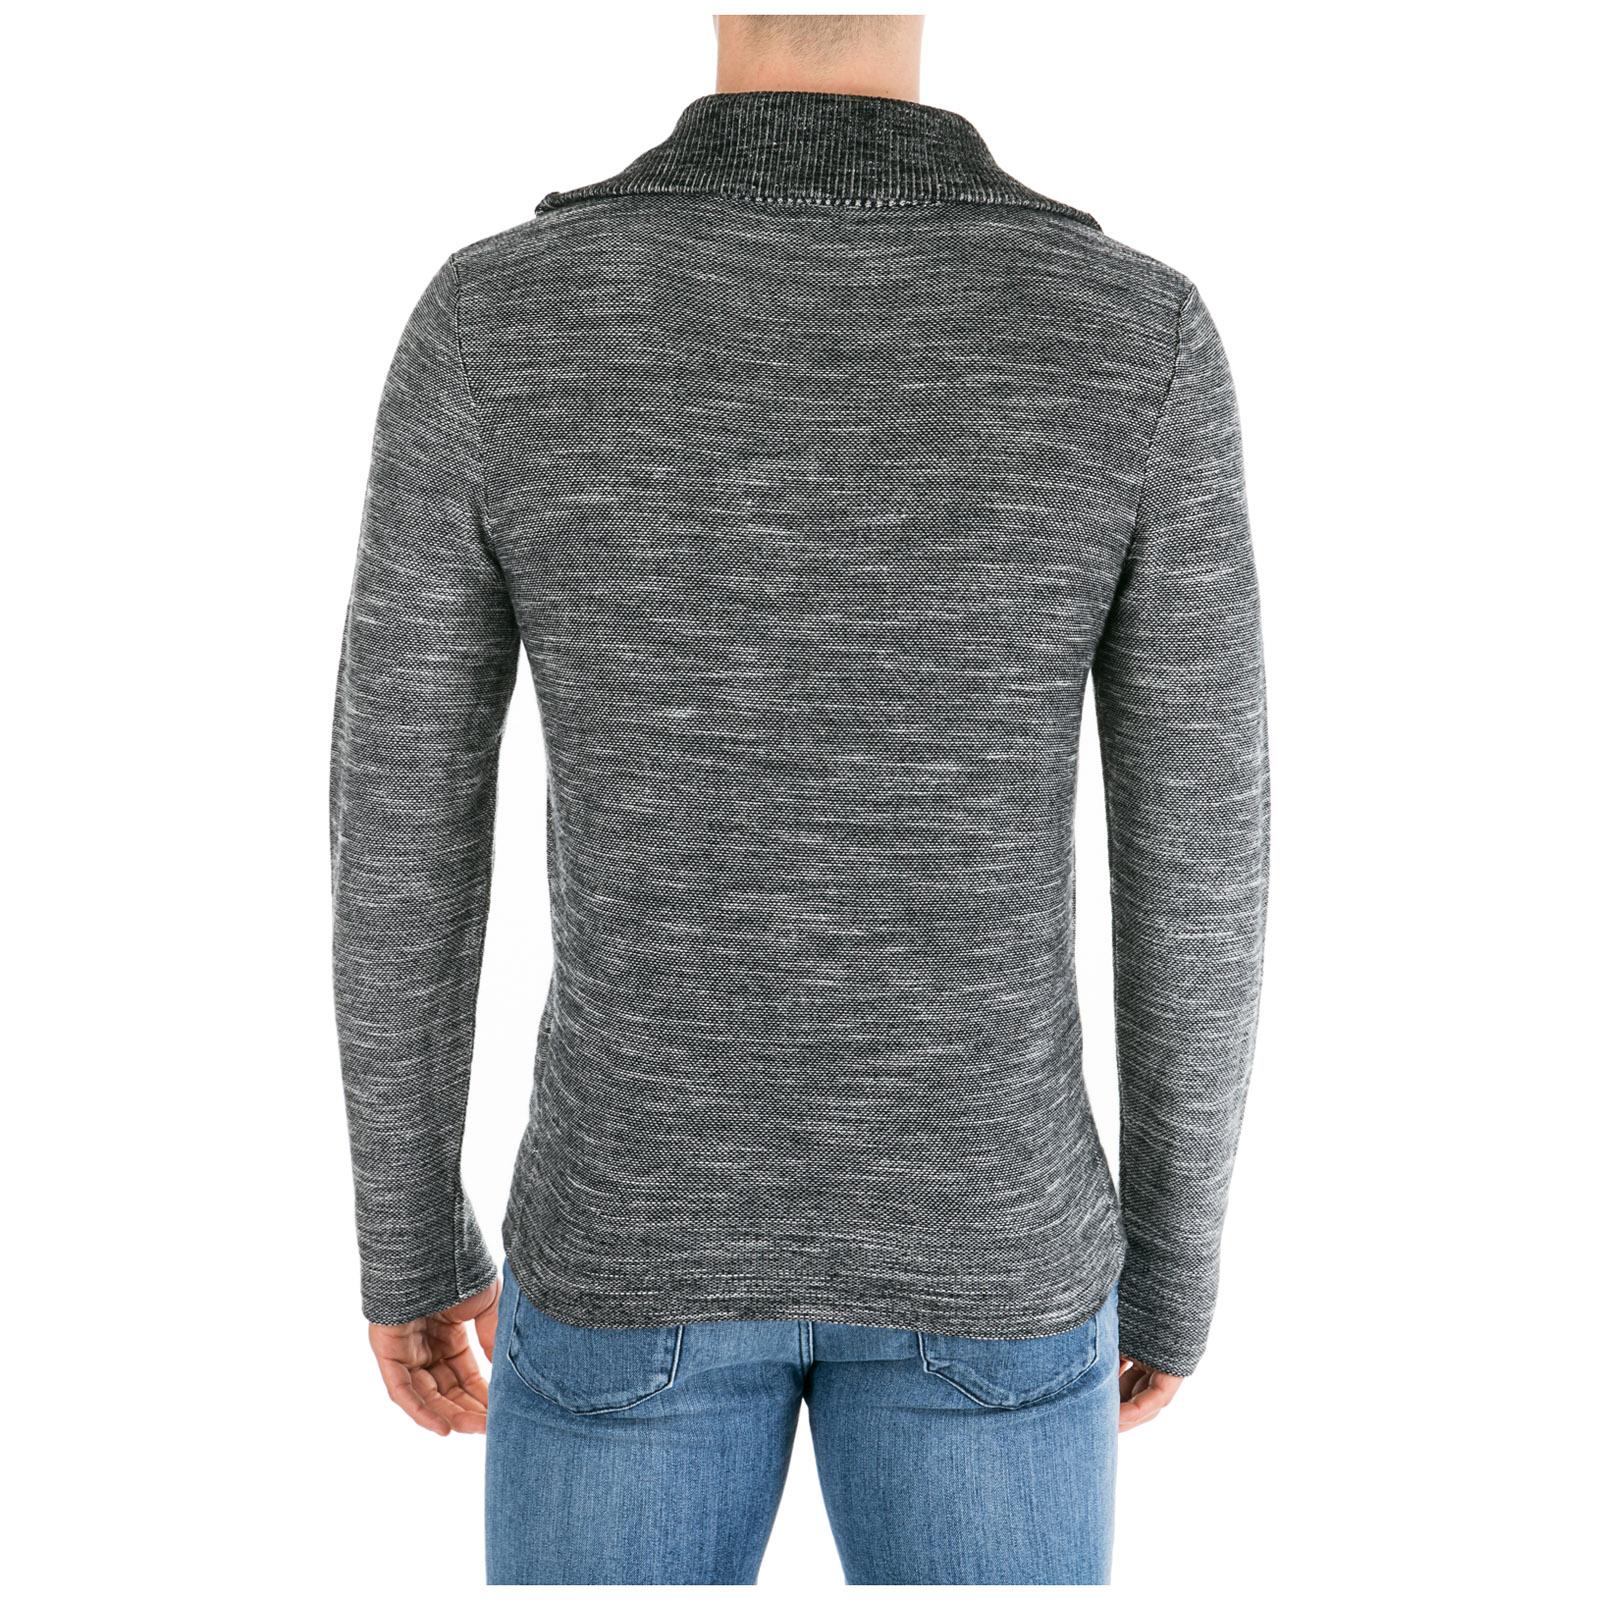 enorme sconto f0922 36c19 Maglione maglia uomo con zip